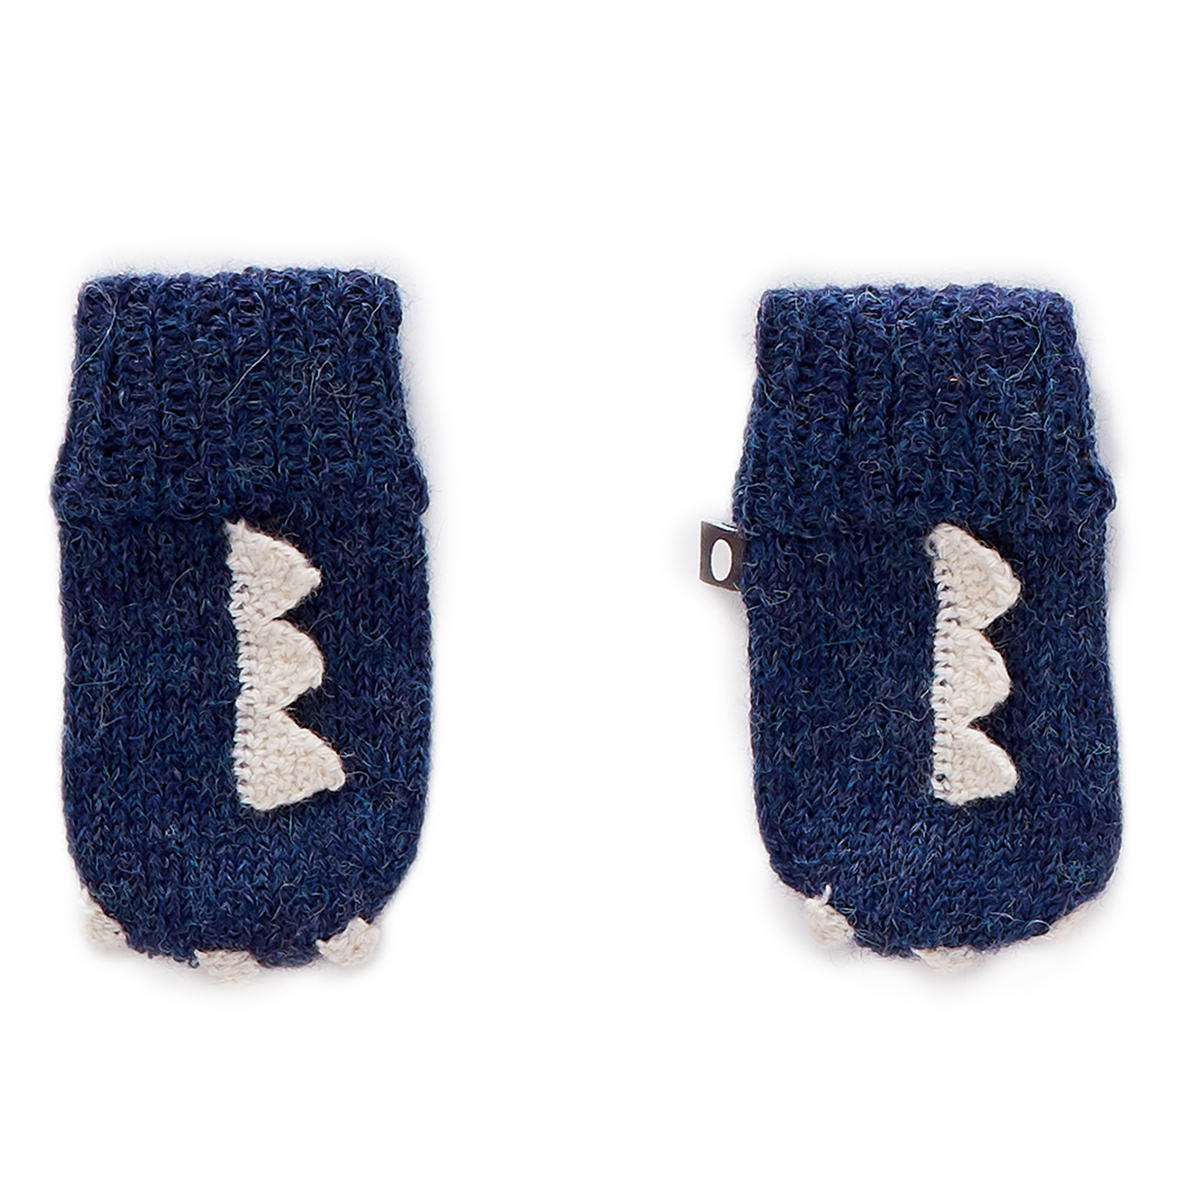 Accessoires Bébé Moufles Monstre Bleu - 12/18 Mois Moufles Monstre Bleu - 12/18 Mois